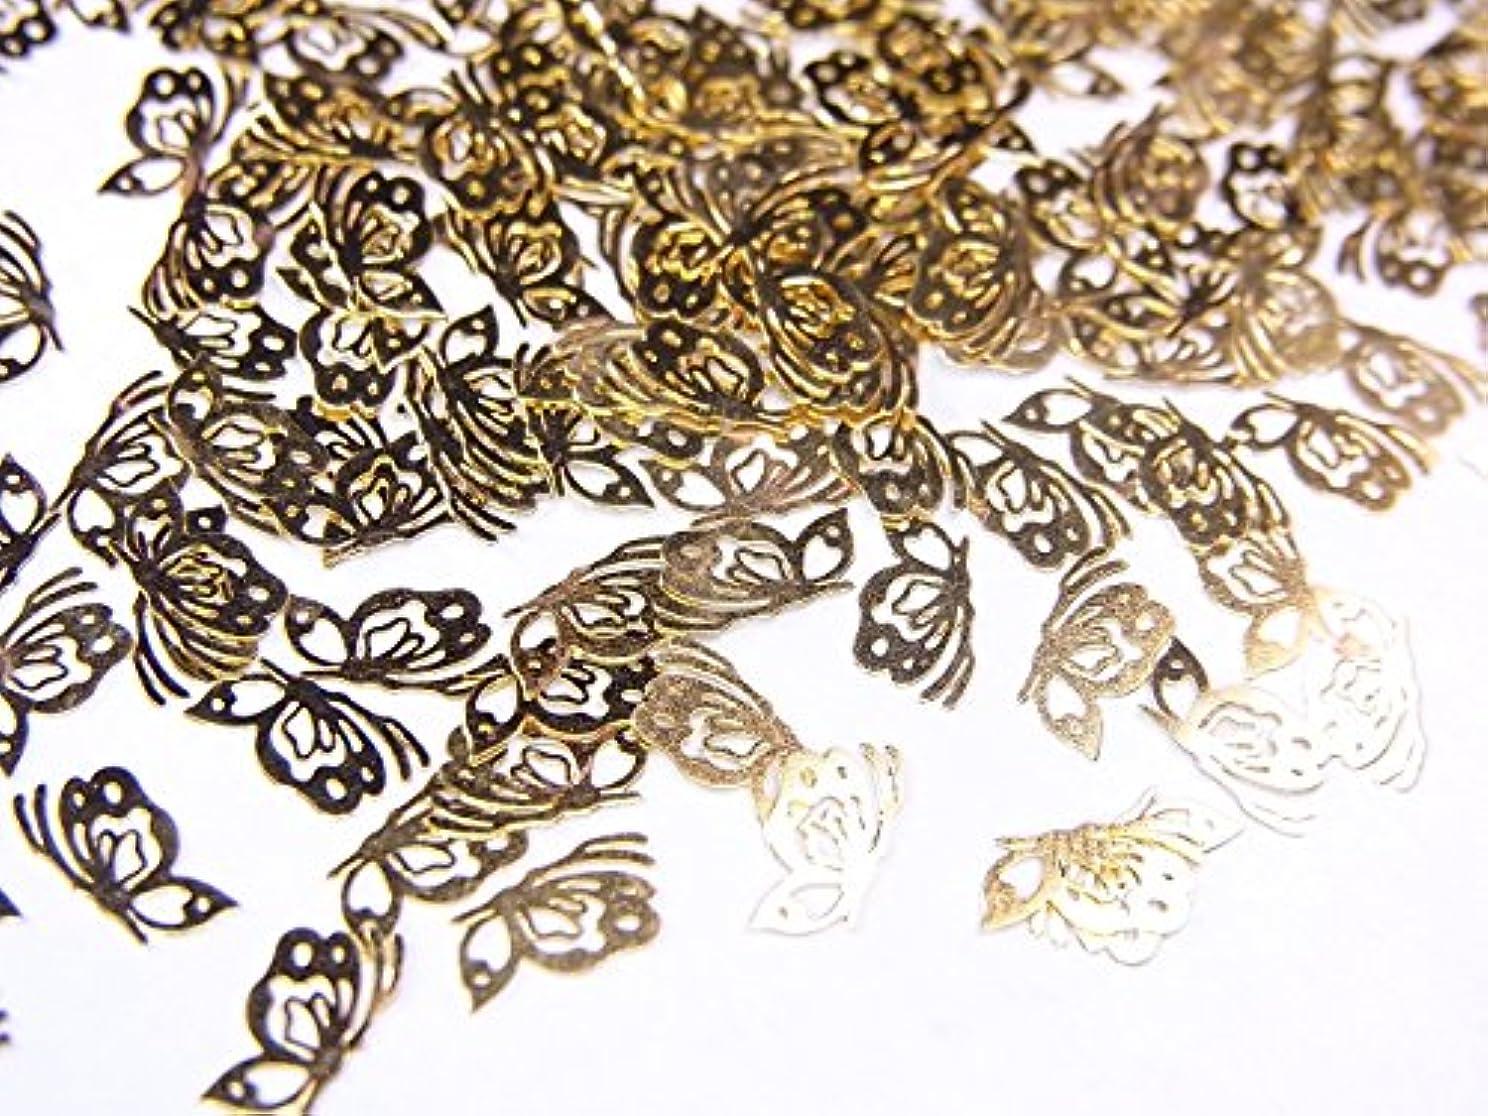 ずらす効率的全く【jewel】薄型ネイルパーツ ゴールド 蝶蝶10個